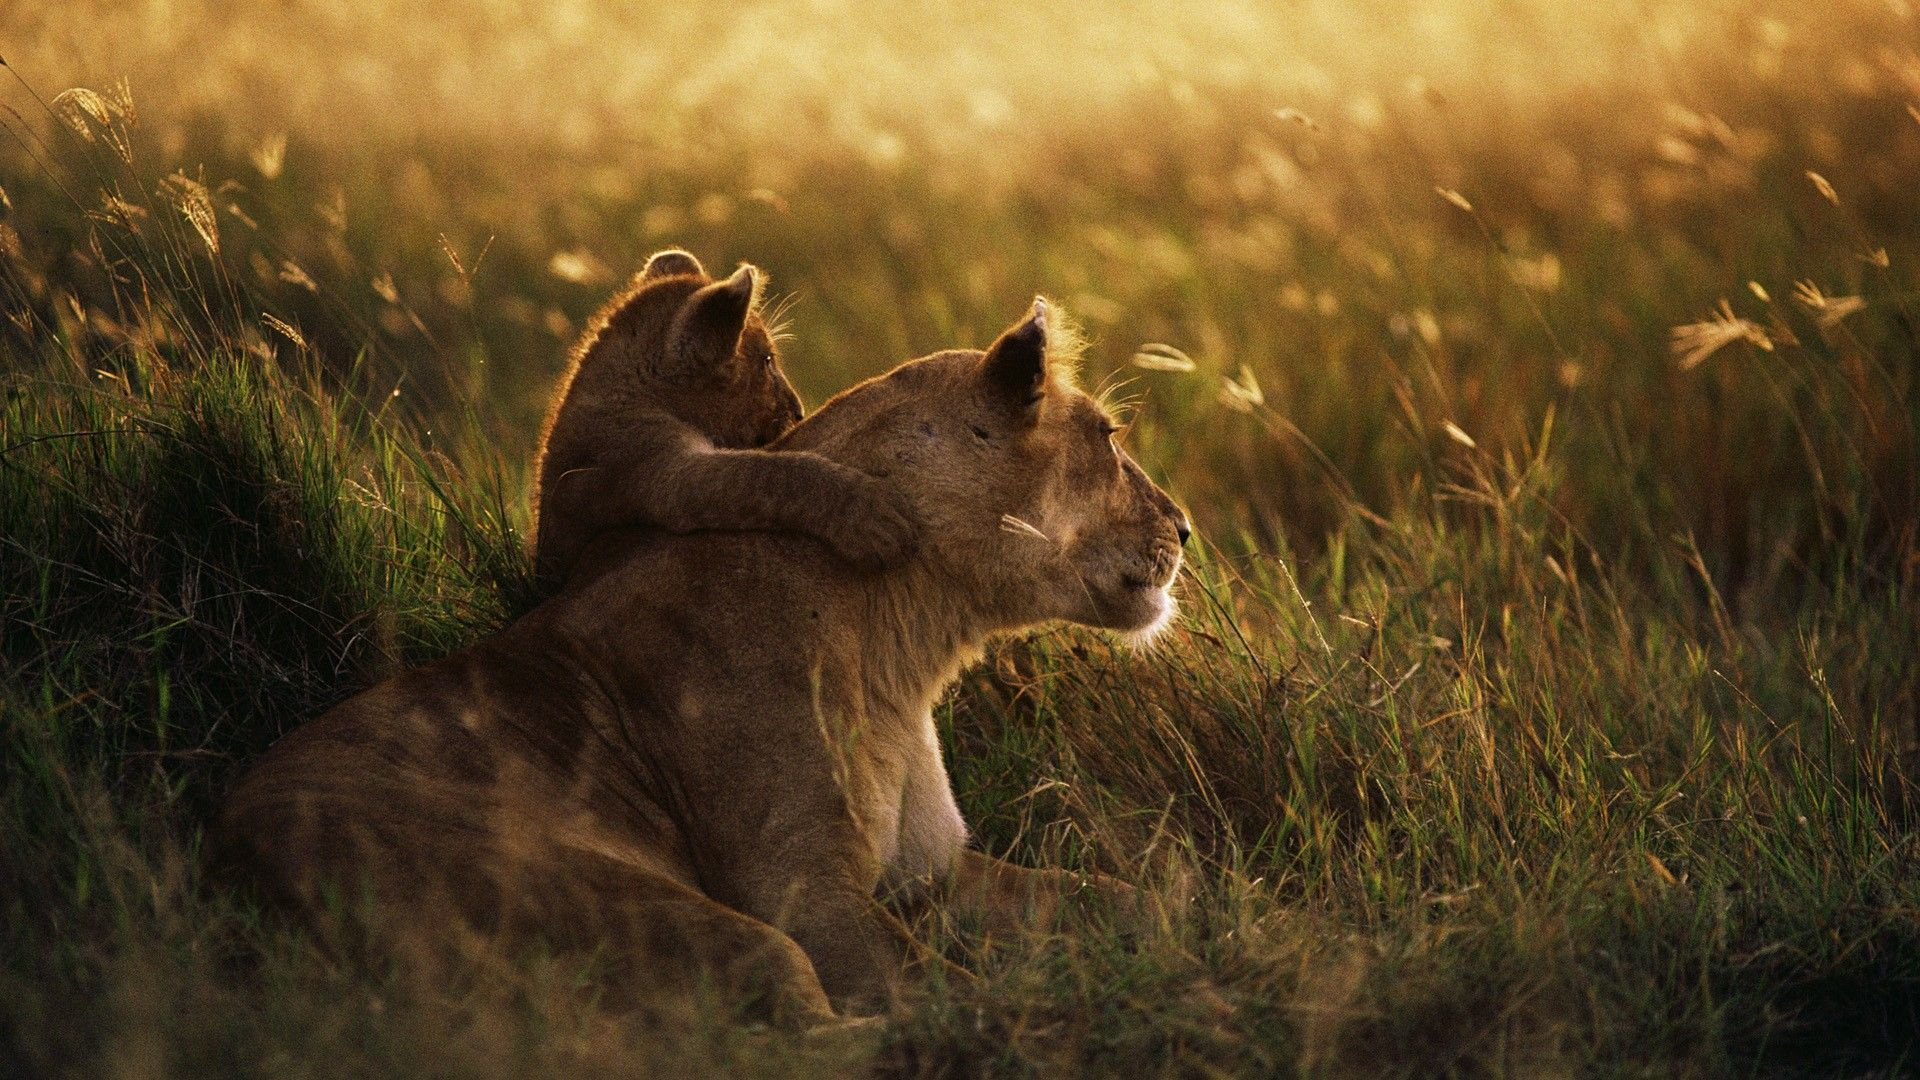 dawn animals grass fields mother African lions Tanzania National Park Serengeti  / 1920x1080 Wallpaper